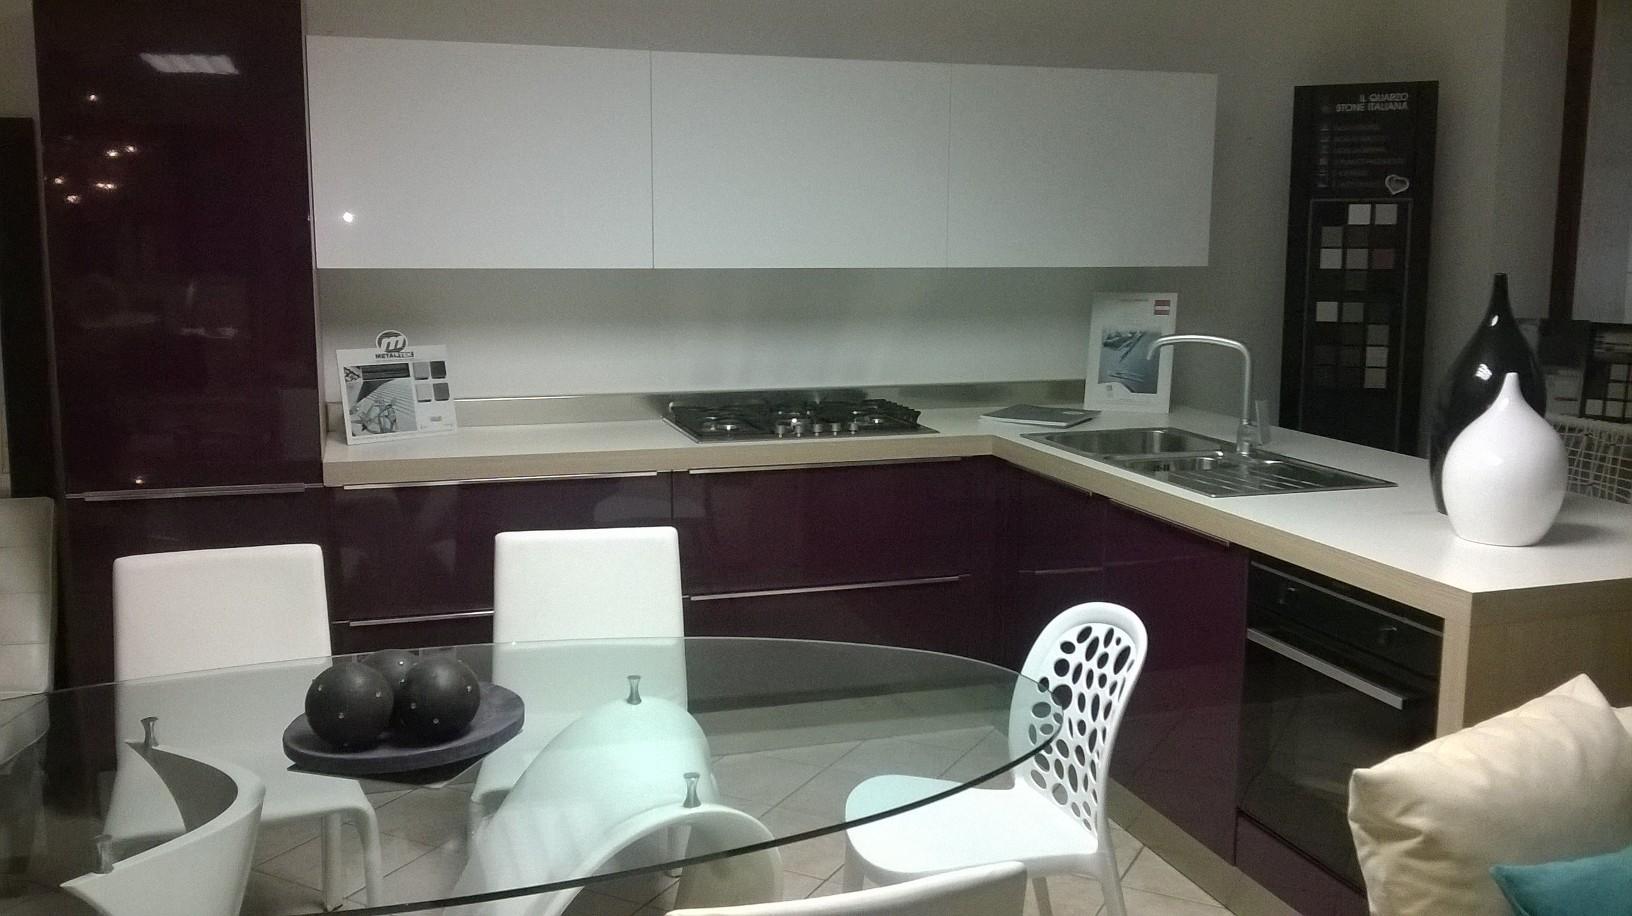 Vendita promozionale cucina con penisola record cucine moderna polimerico lucido cucine a - Cucina moderna con penisola ...